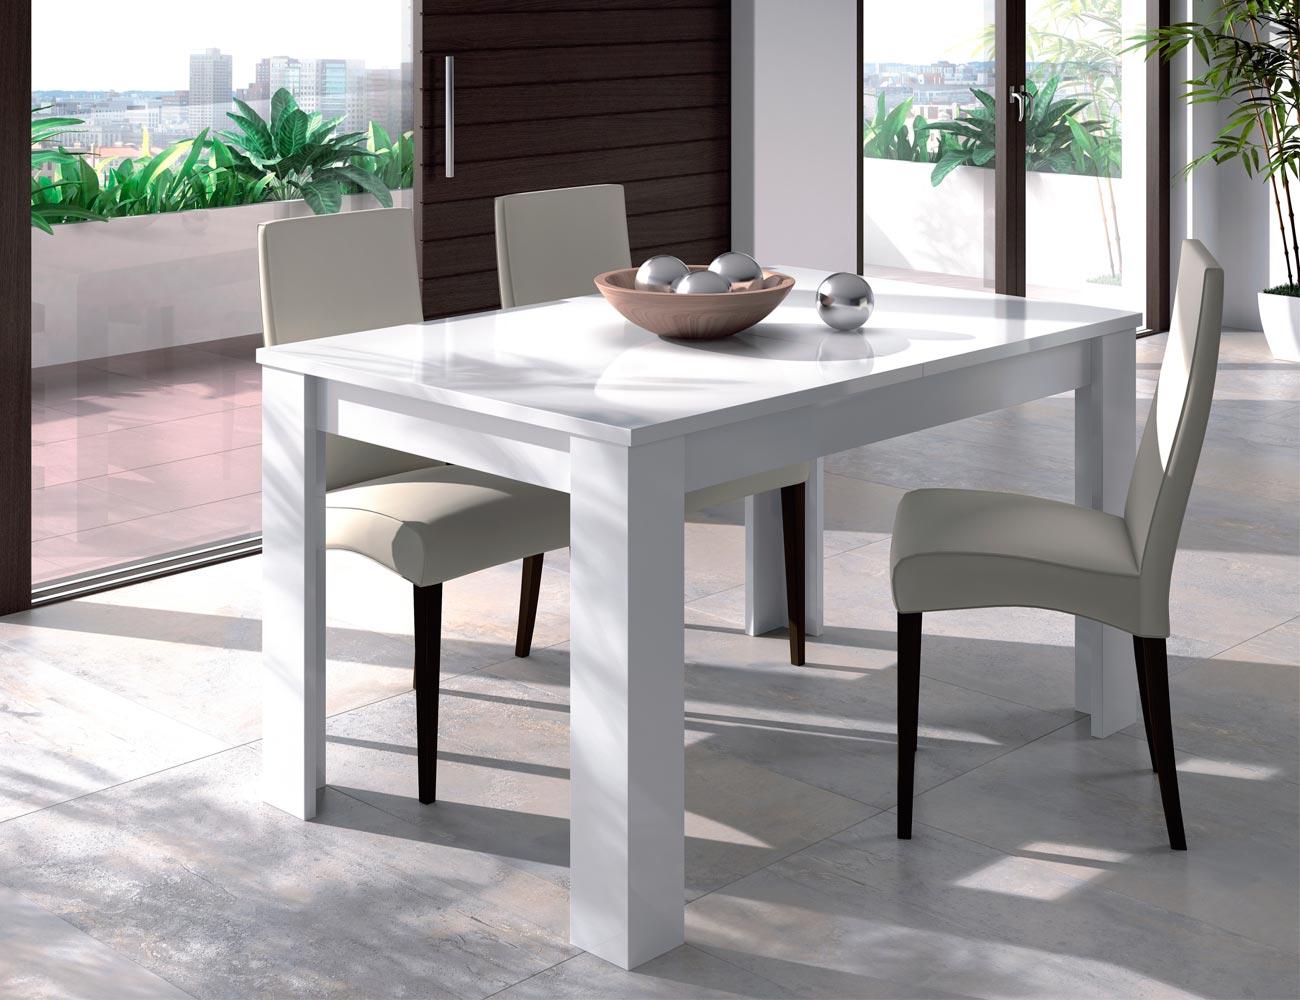 Factory del mueble utrera el mejor precio en muebles y sof factory del mueble utrera - Mesita de comedor ...